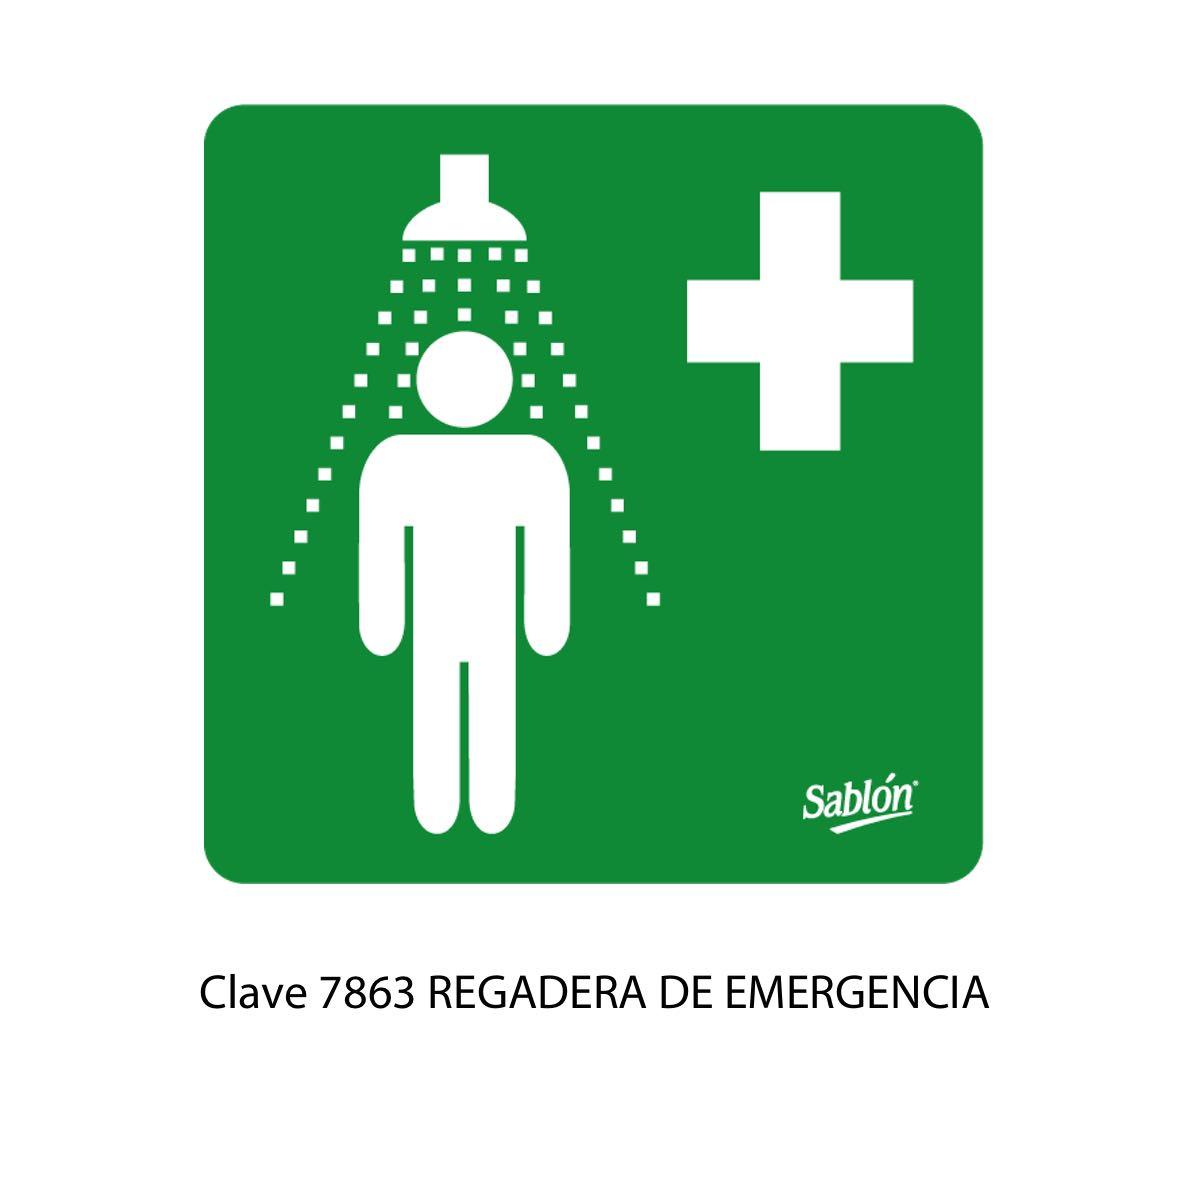 Señal Regadera de Emergencia Modelo 7863 - Sablón